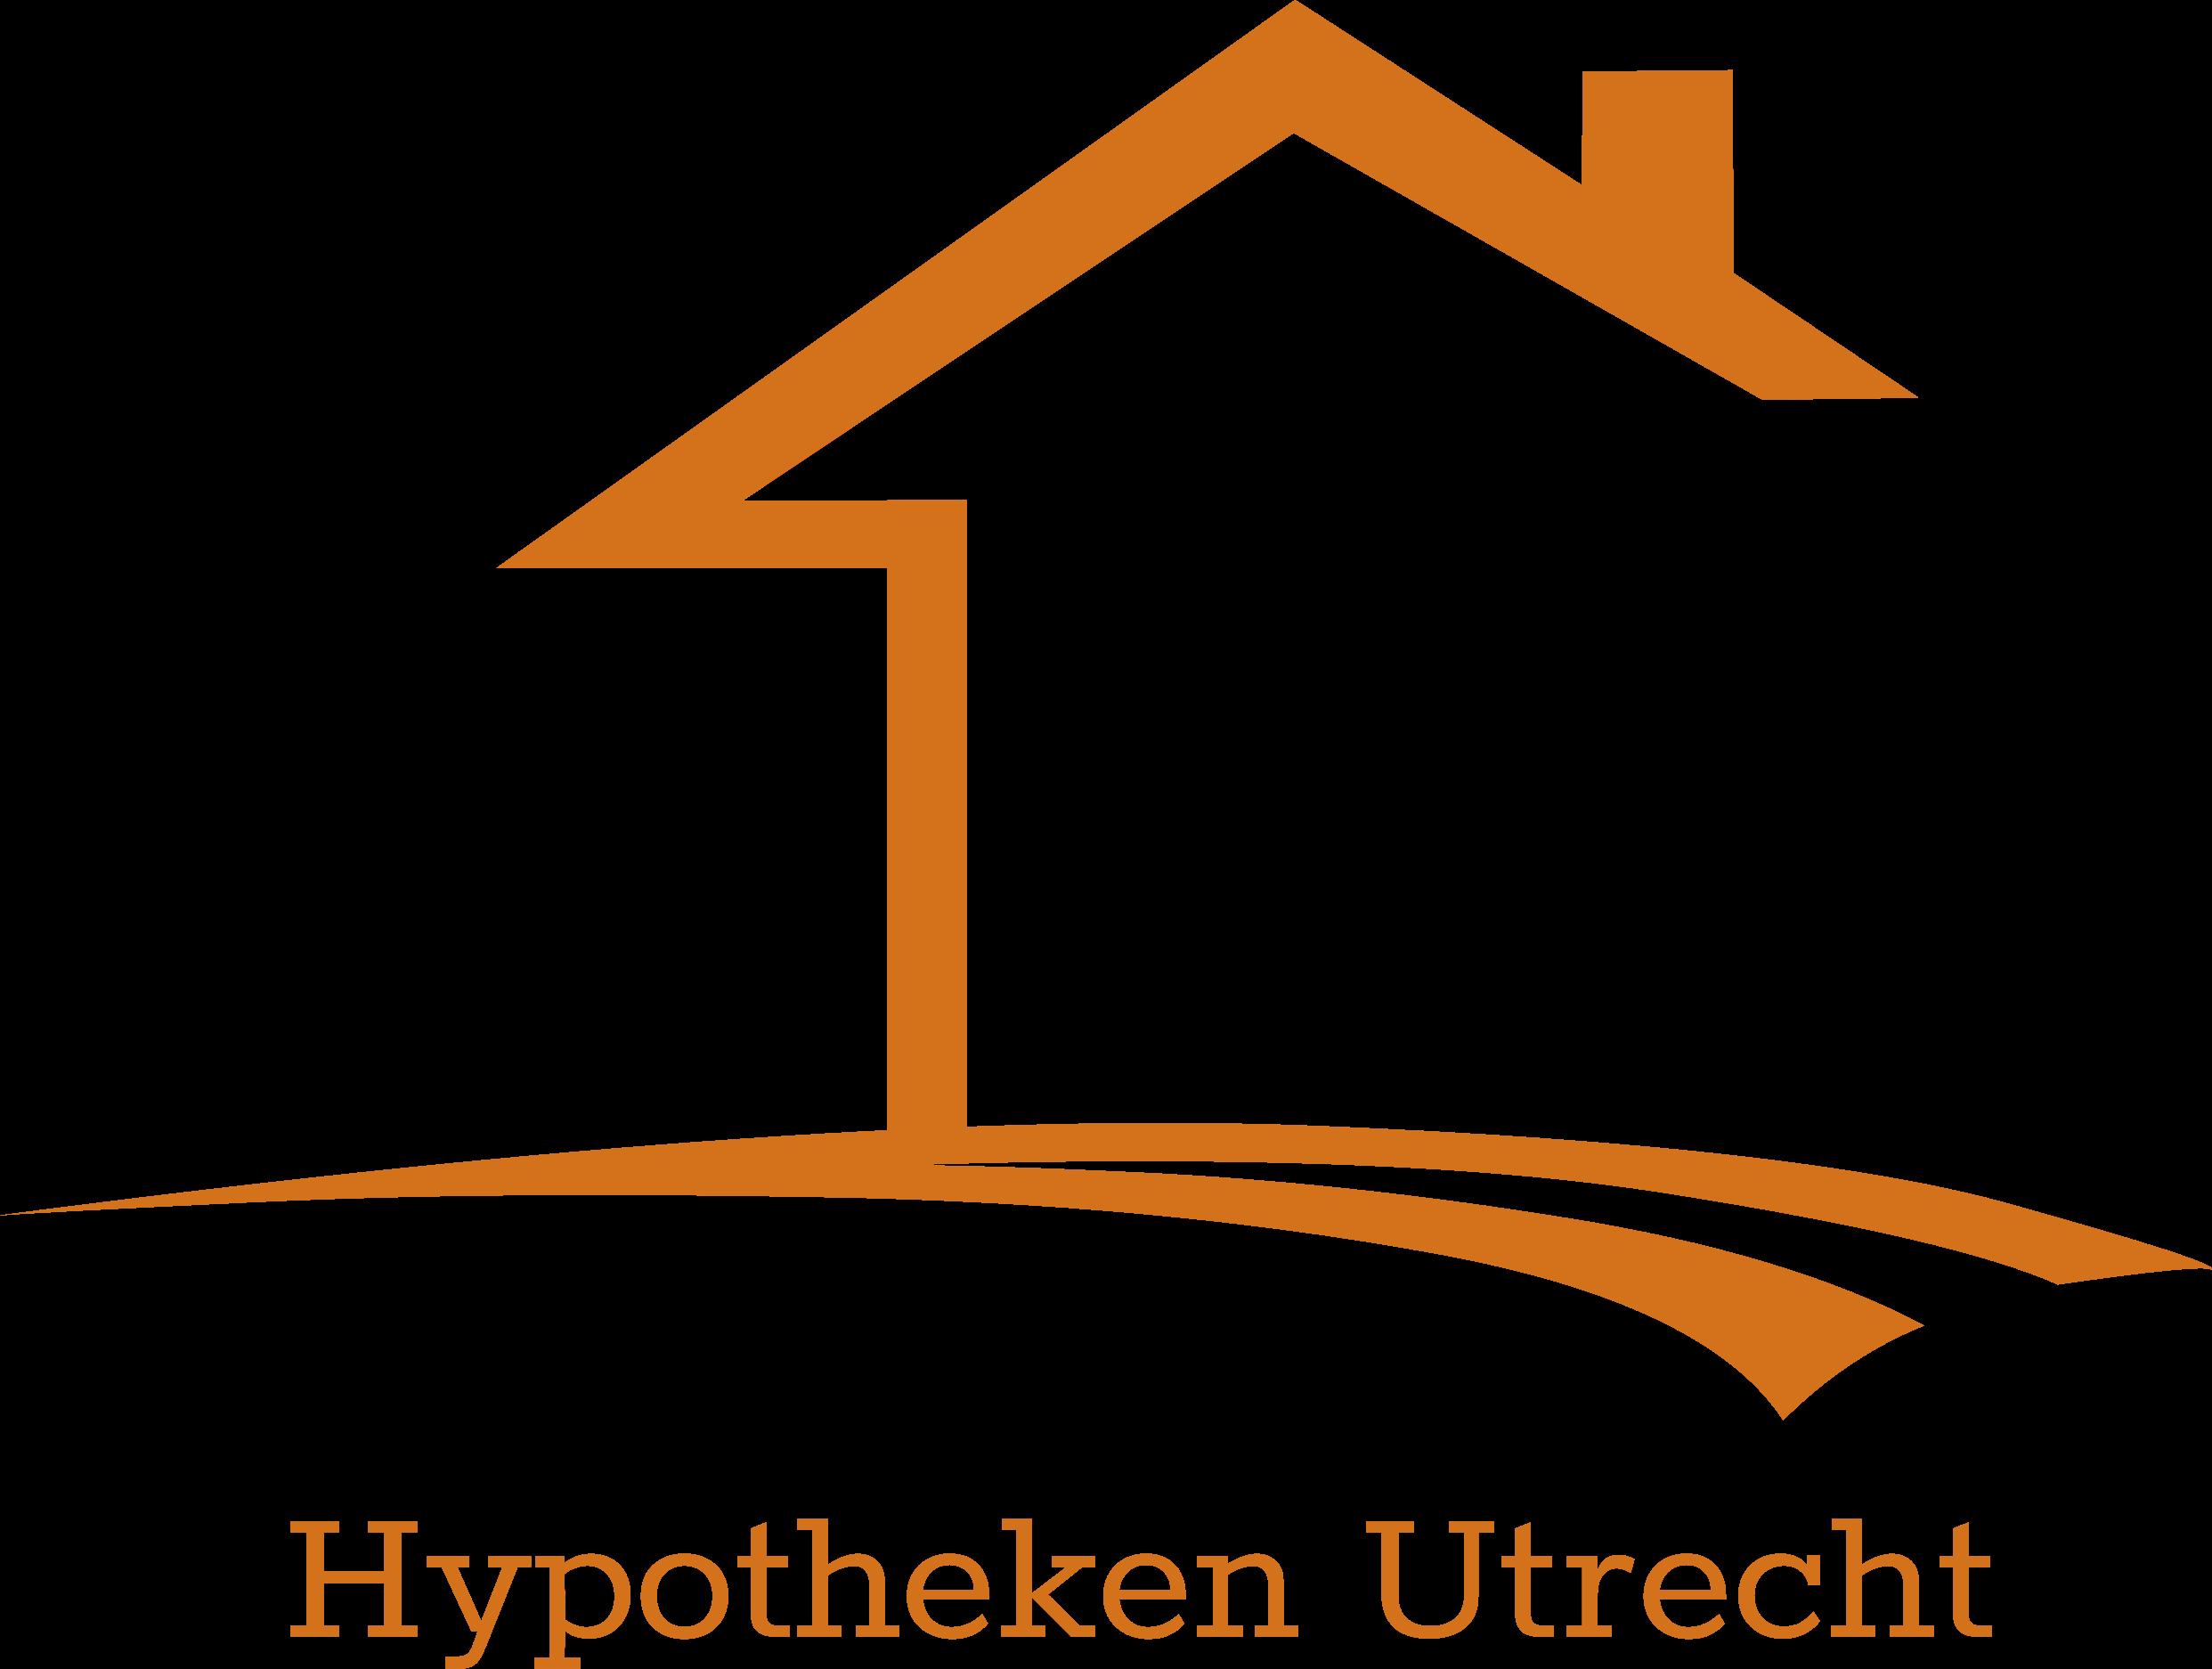 Hypotheken Utrecht